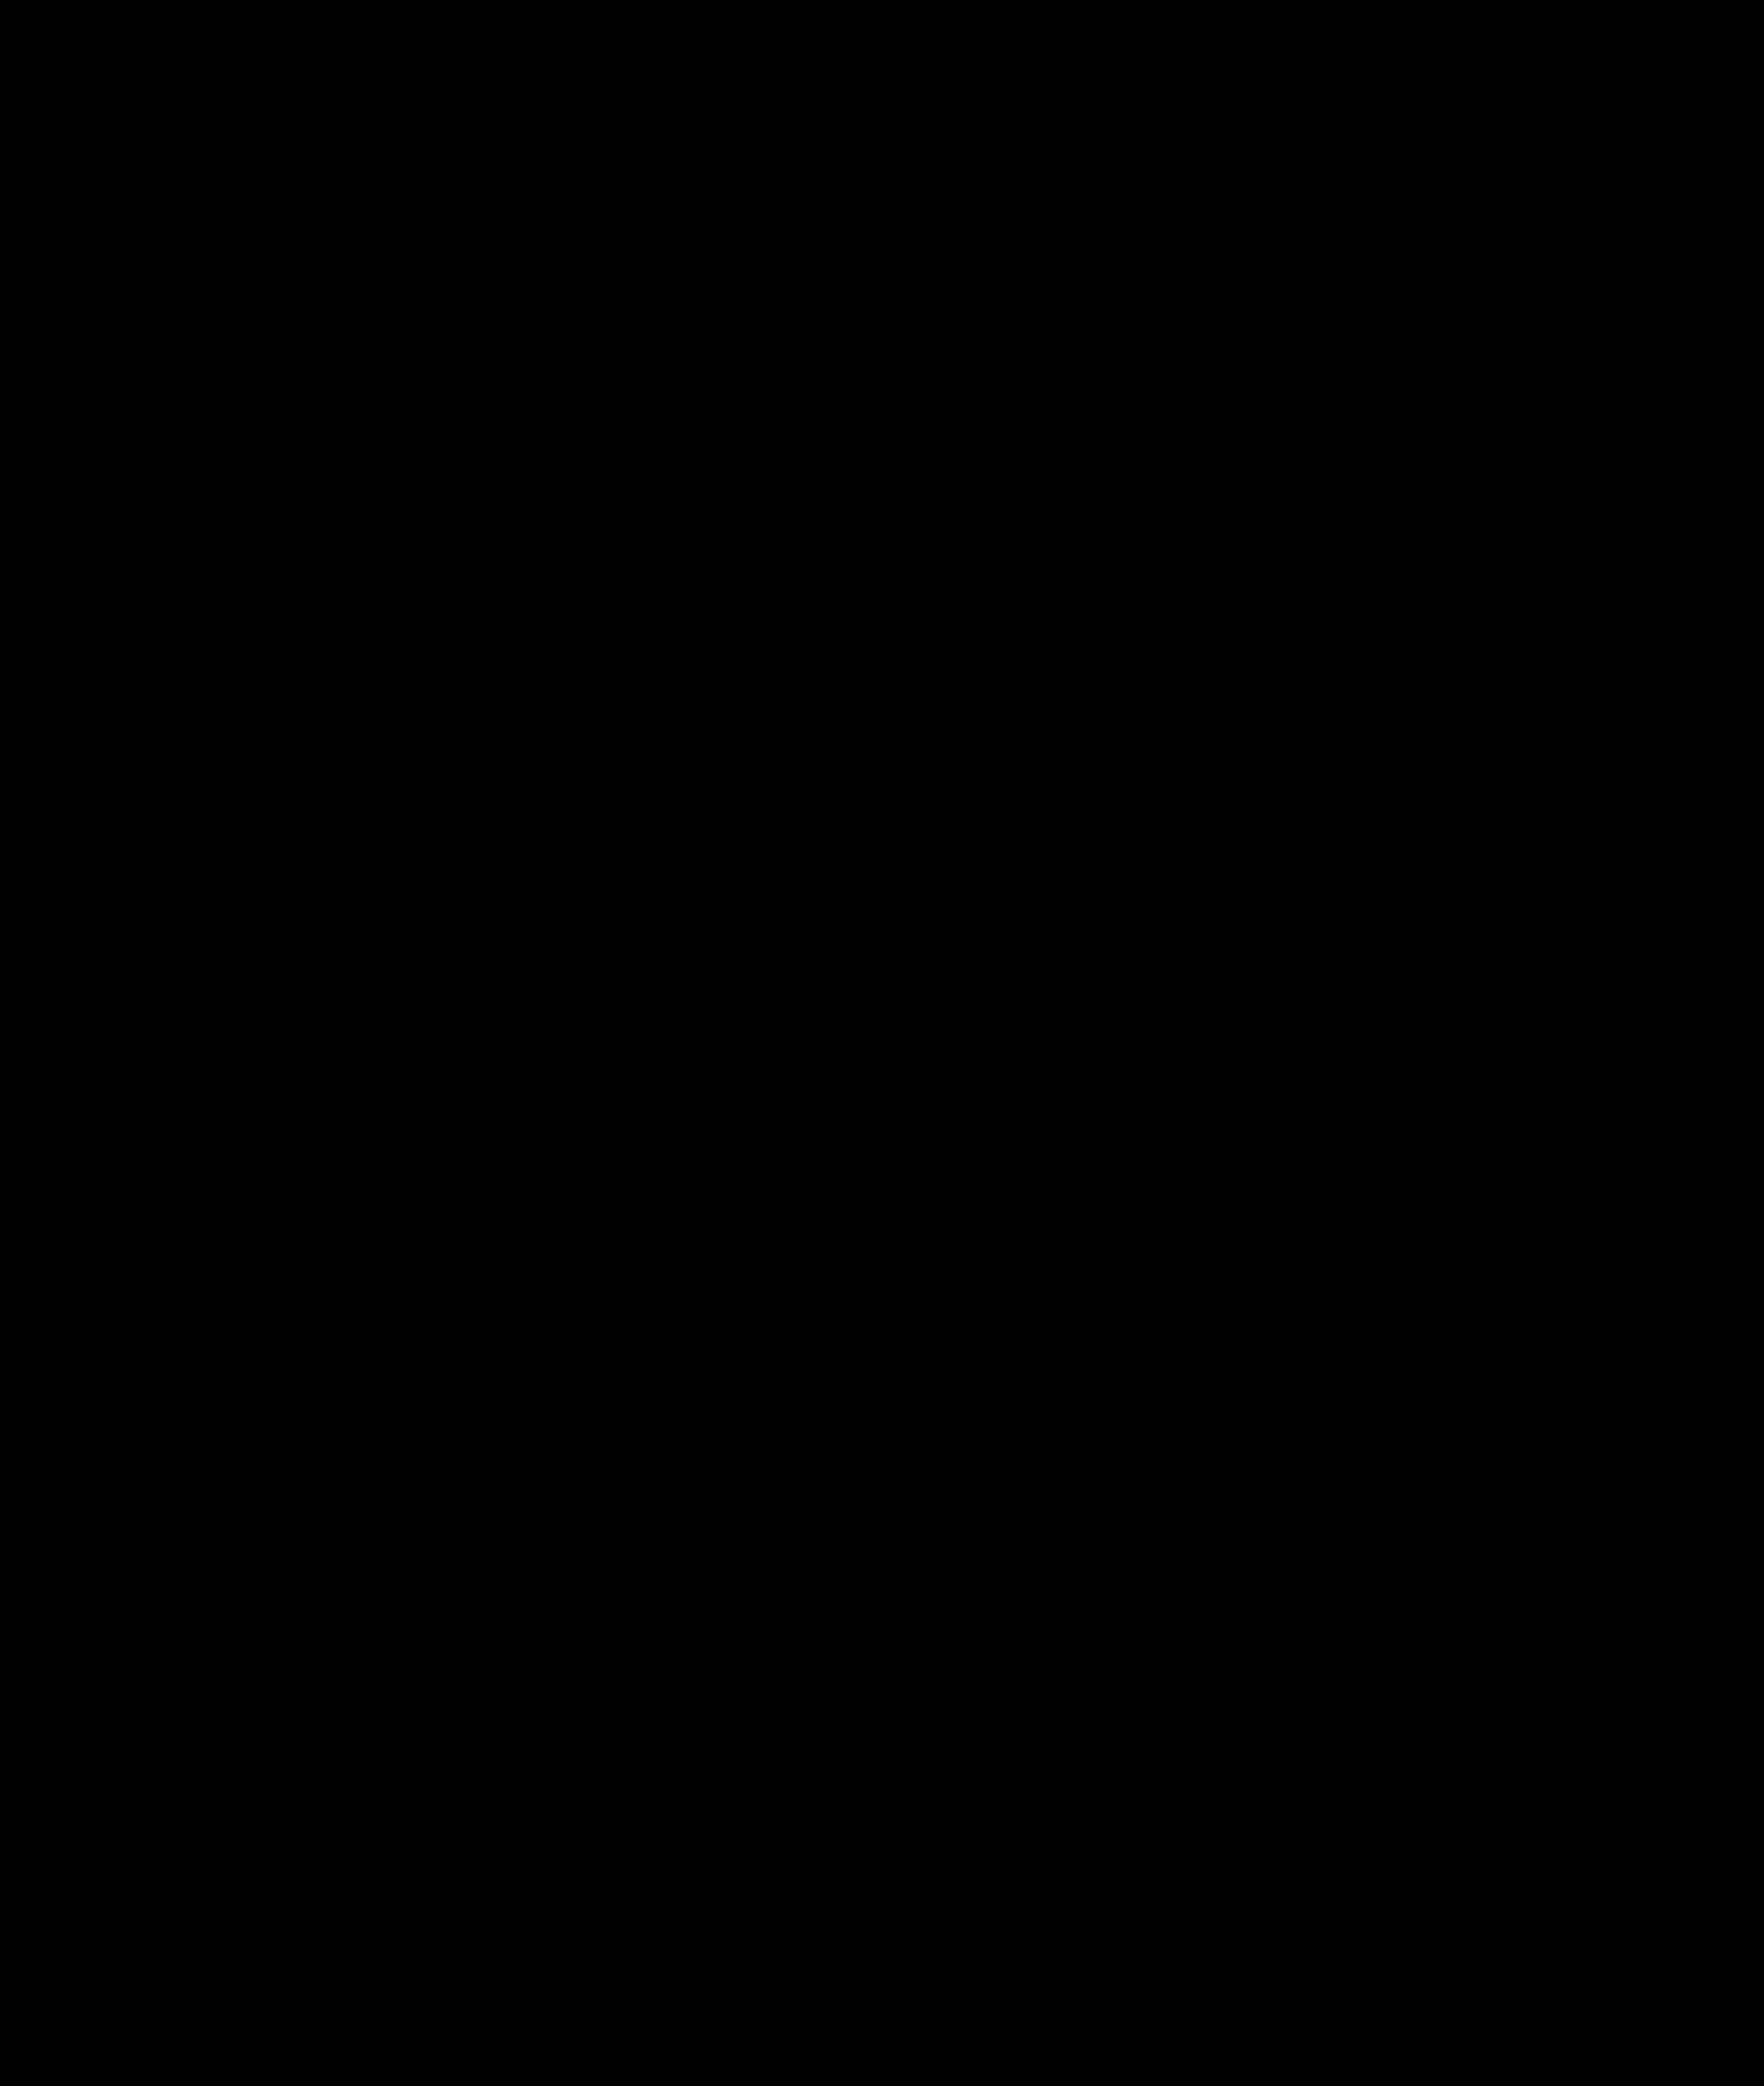 Cutting diagram for the medium tote.